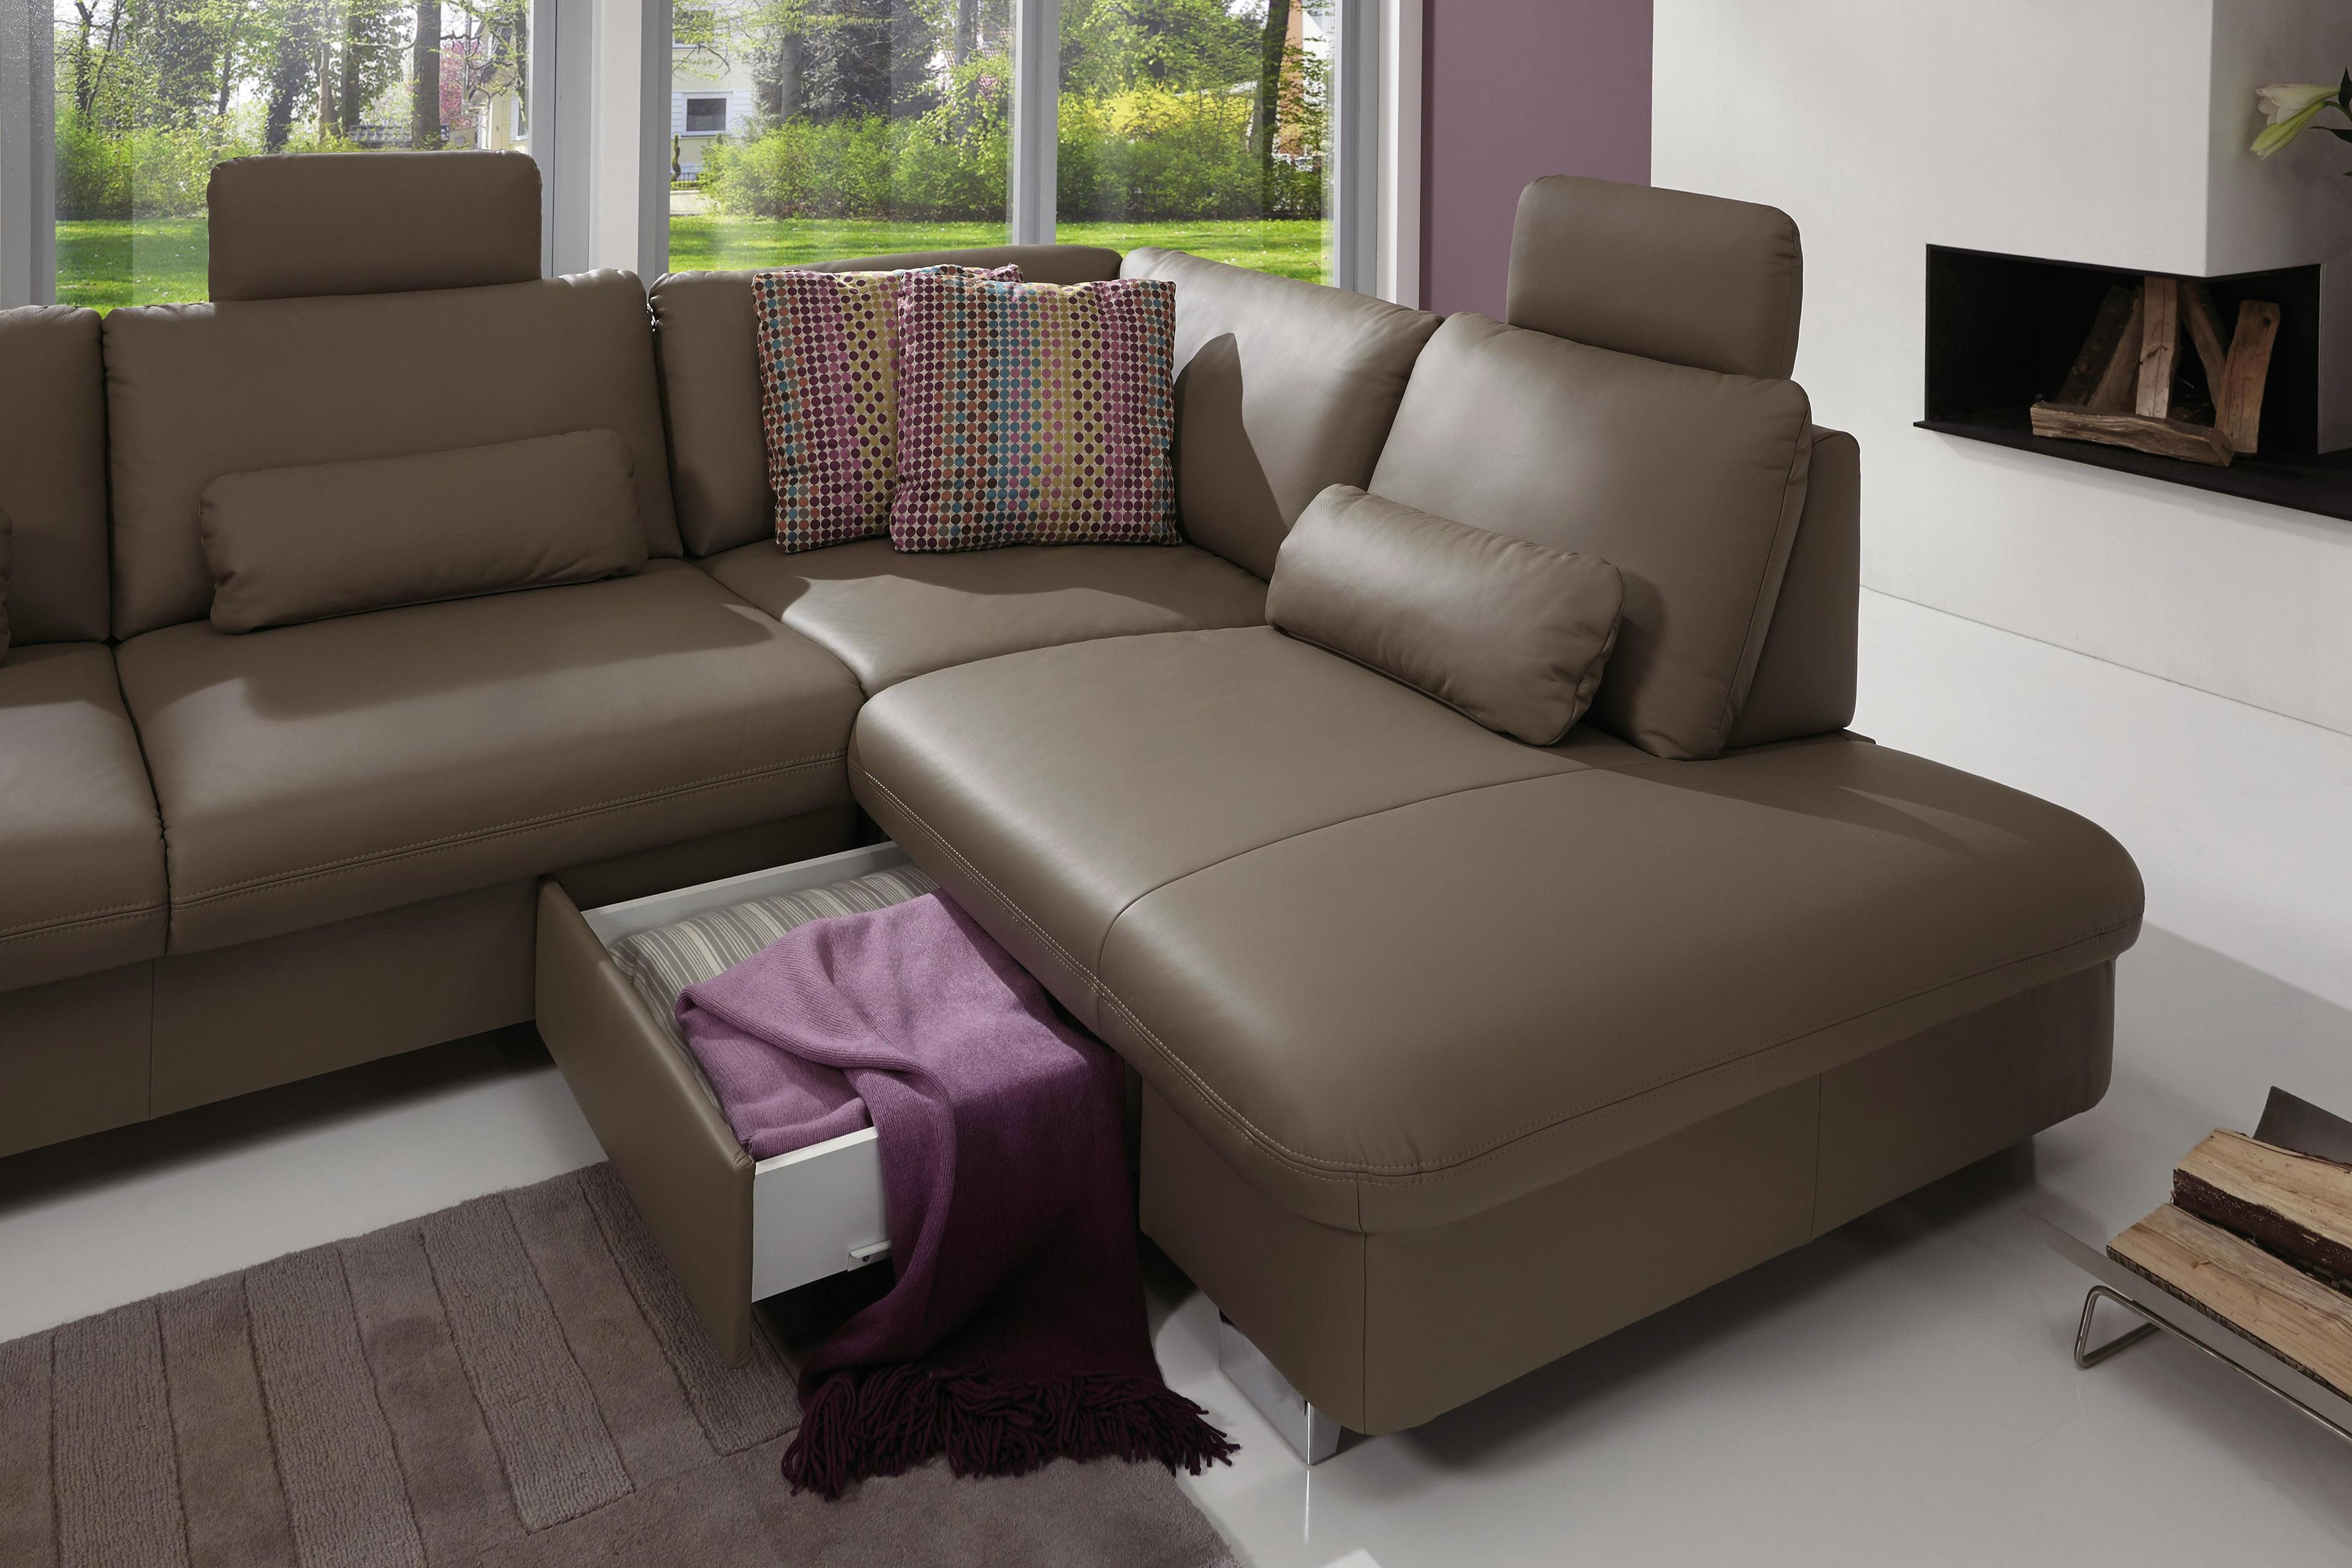 ledersofa whitney l grau polinova polsterm bel m bel letz ihr online shop. Black Bedroom Furniture Sets. Home Design Ideas